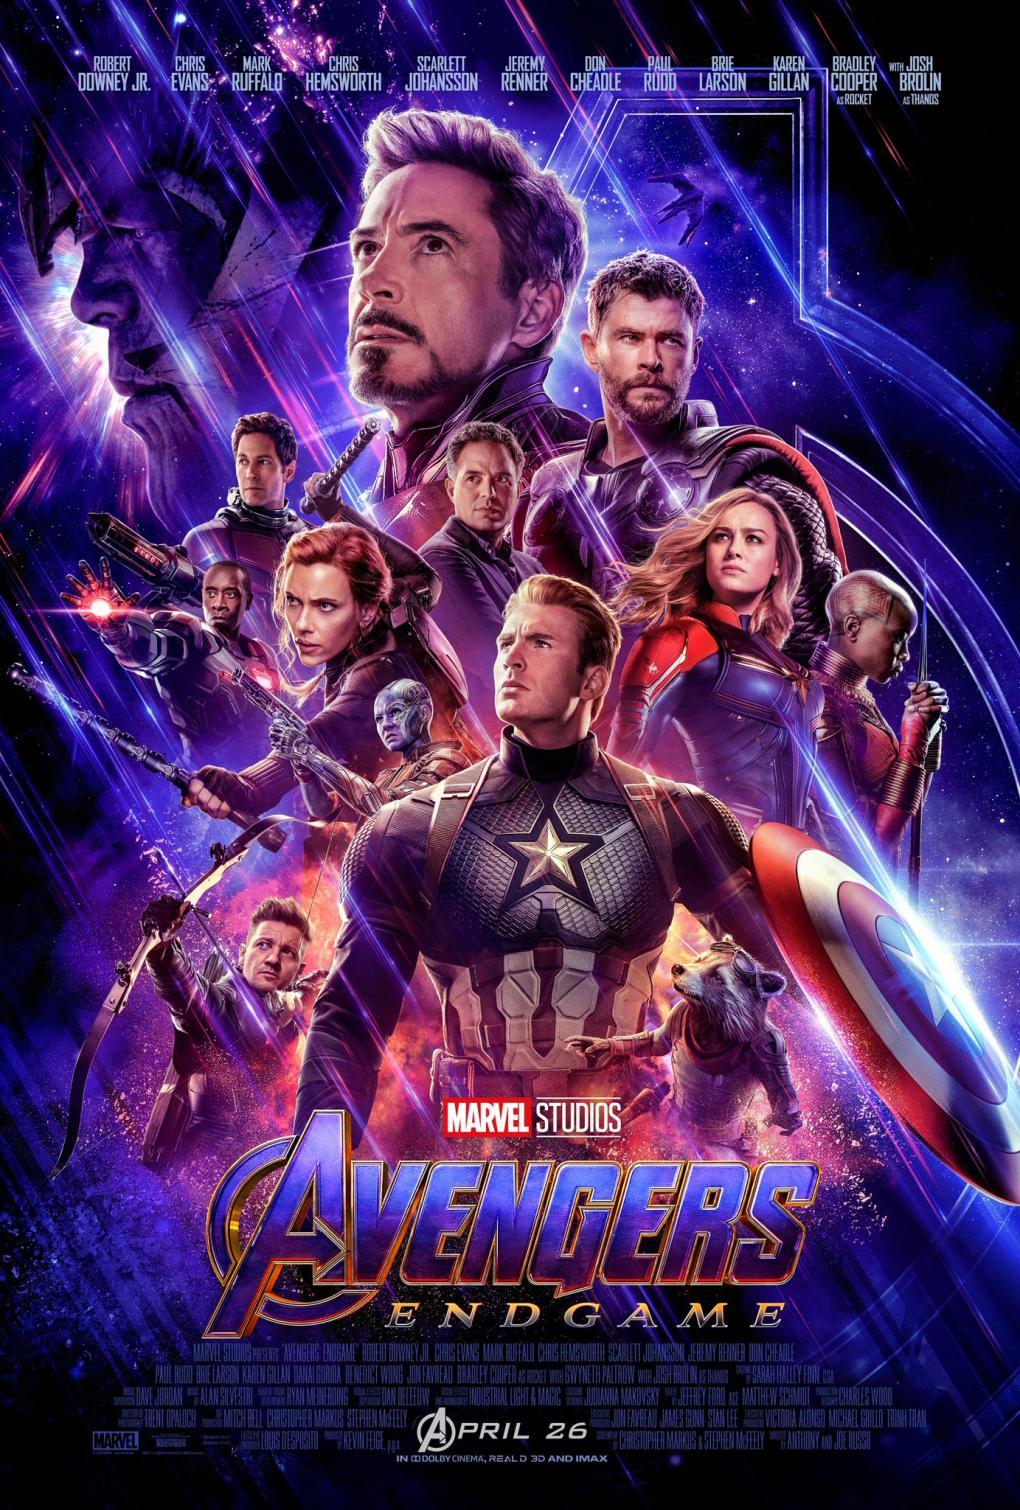 Avengers Endgame Kinostart